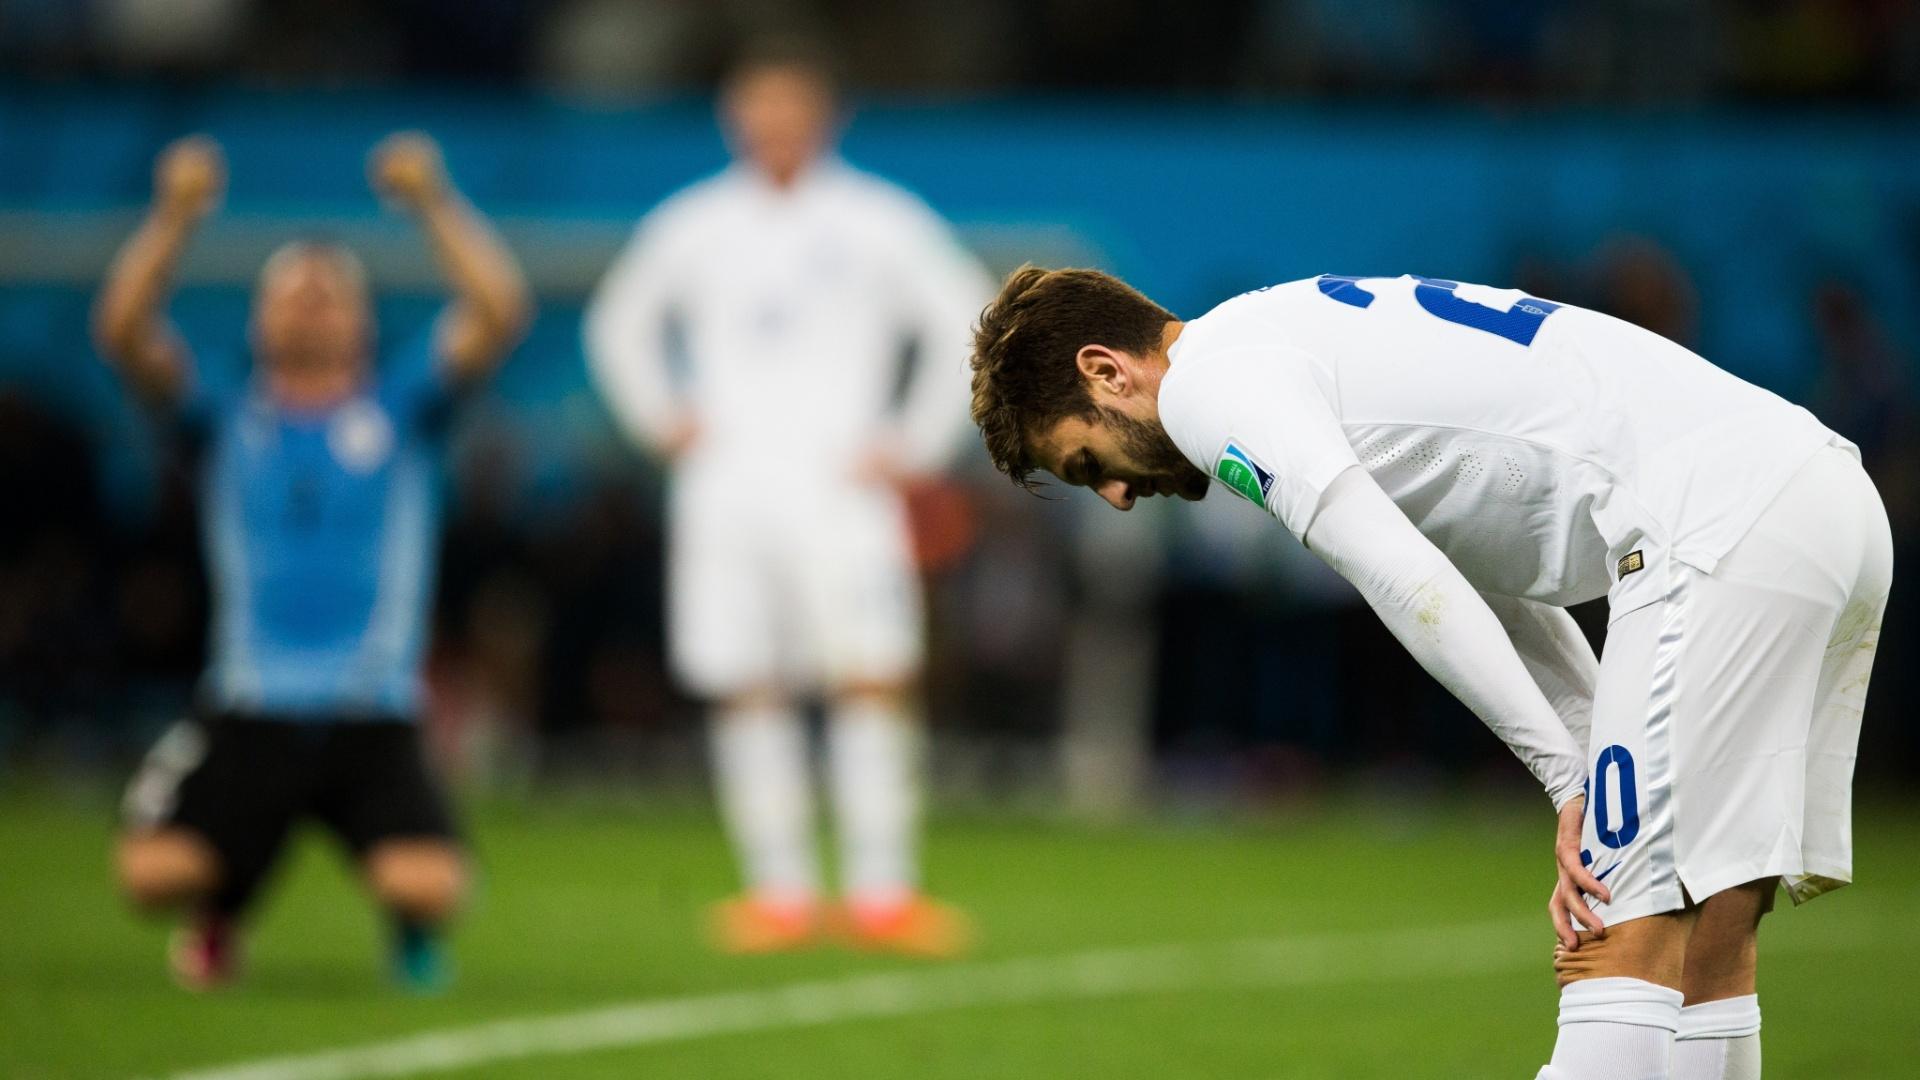 19.jun.2014 - Inglês Lallana se rende à seleção uruguaia depois da vitória dos sul-americanos por 2 a 1 no Itaquerão